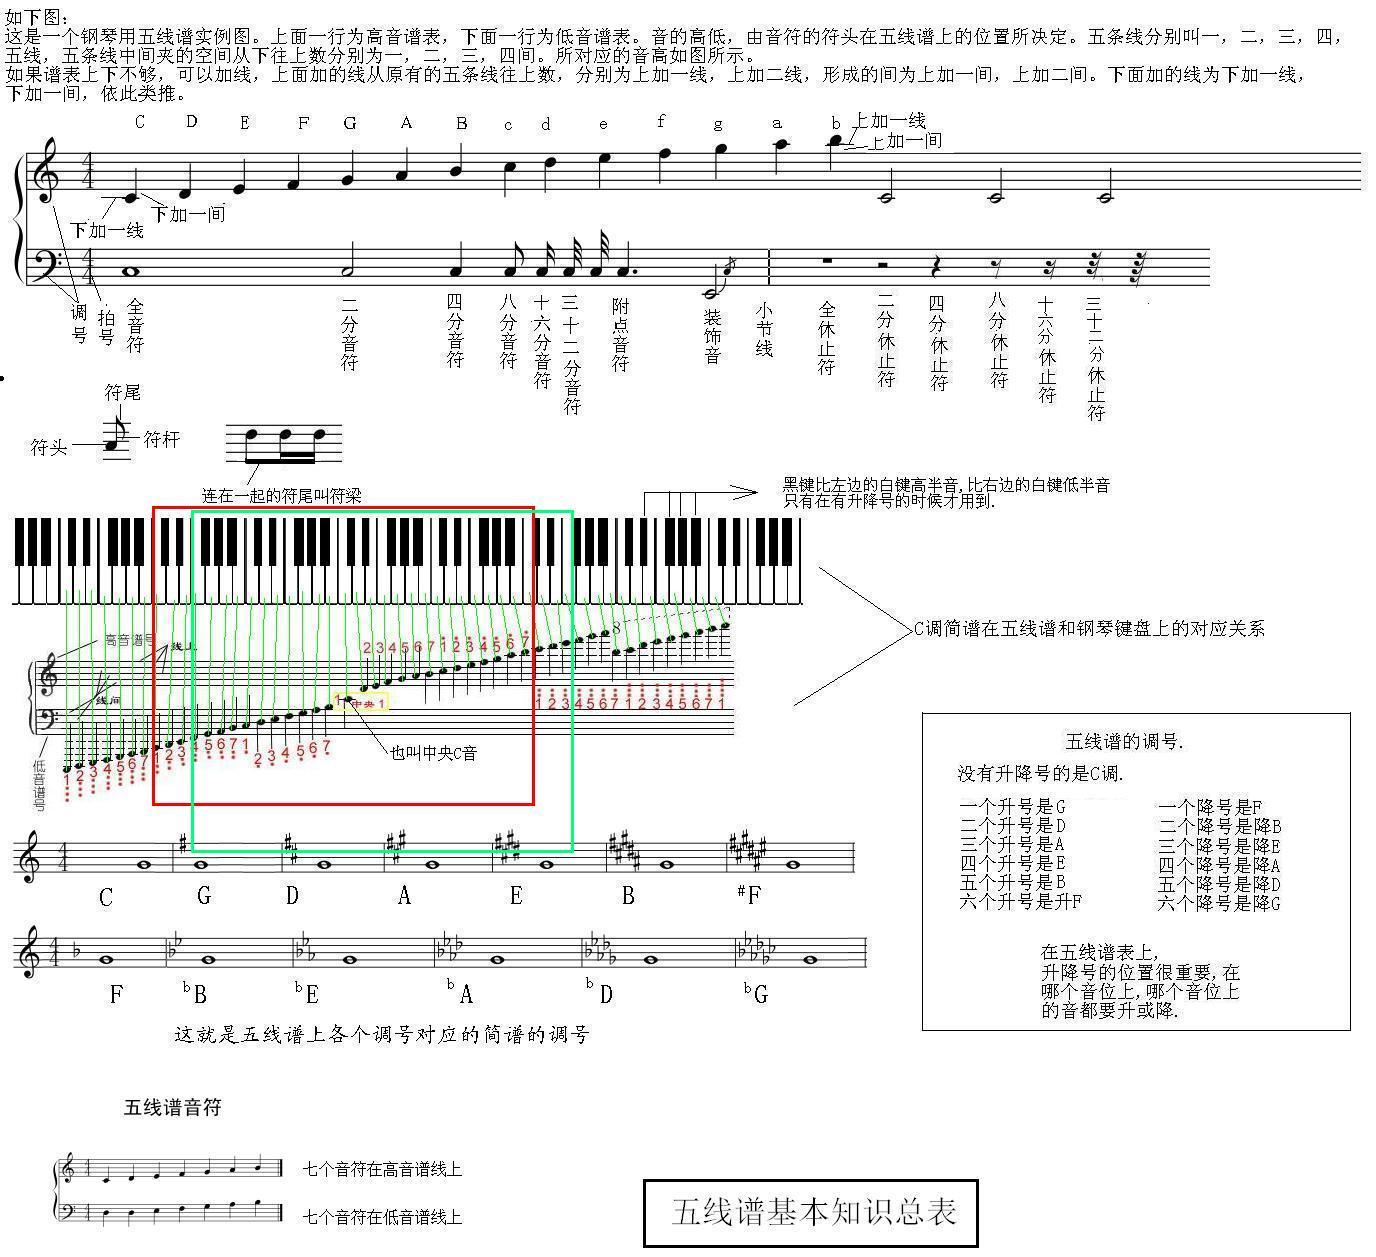 49键电子琴键对应的音符都分别是什么?图片